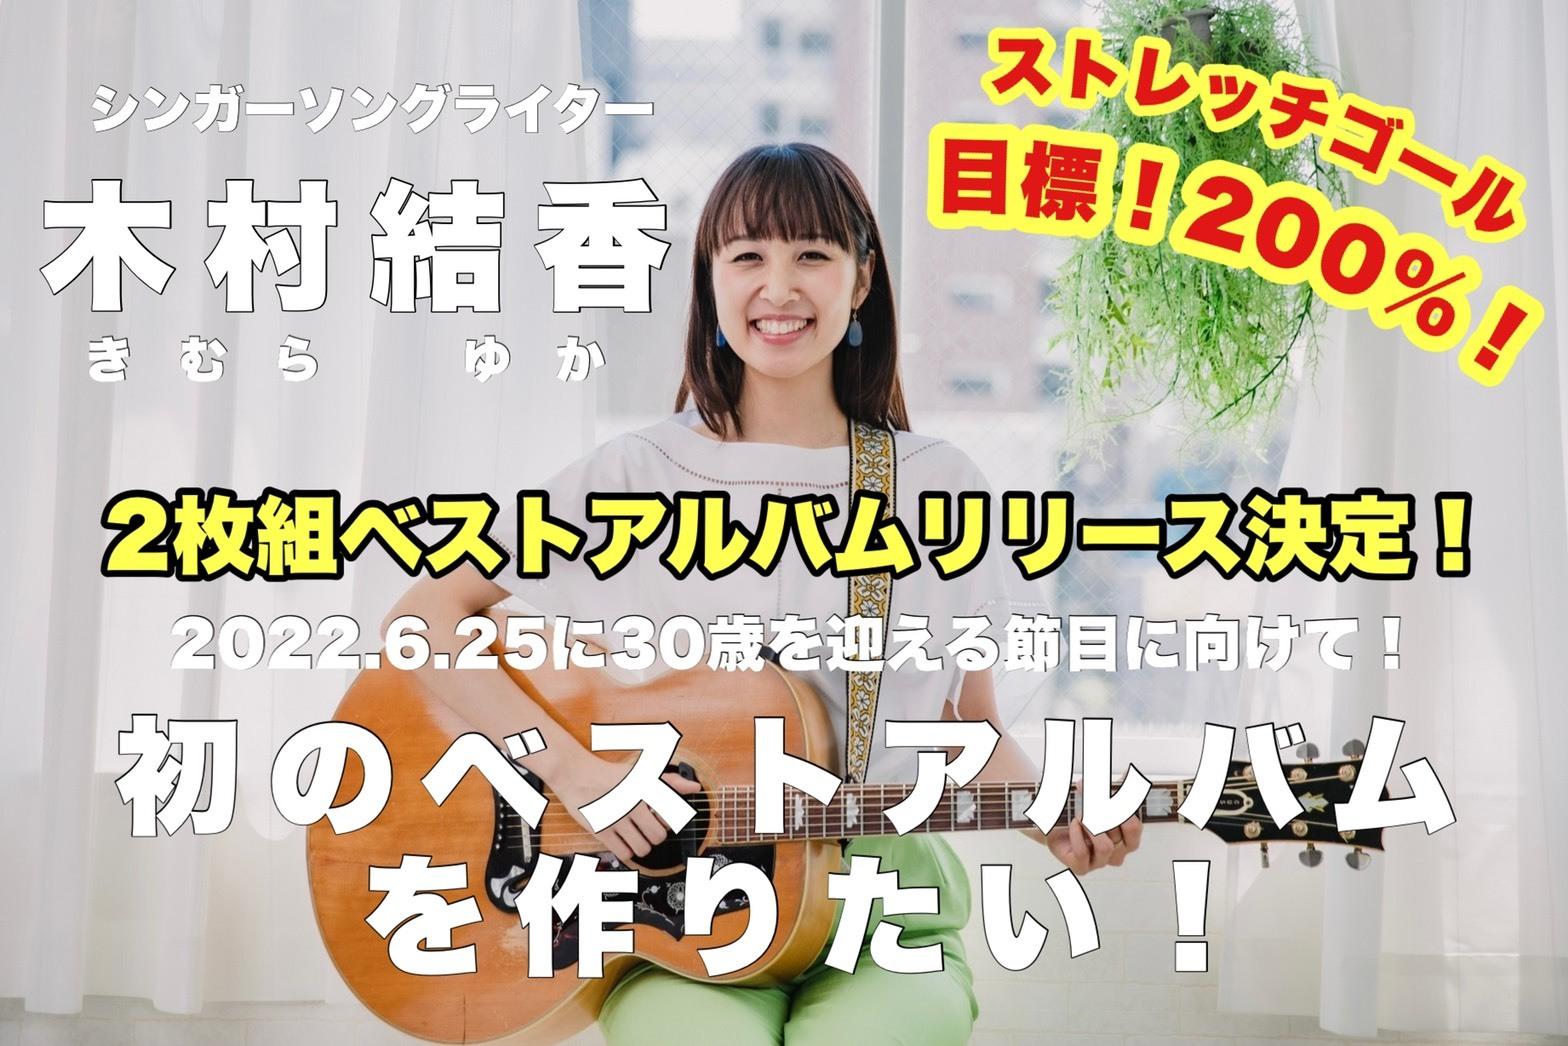 【木村結香】初の2枚組ベストアルバムリリースを実現させたい!2022年6月25日に迎える30歳という節目のホールワンマンライブに向けた応援キャンペーン!!